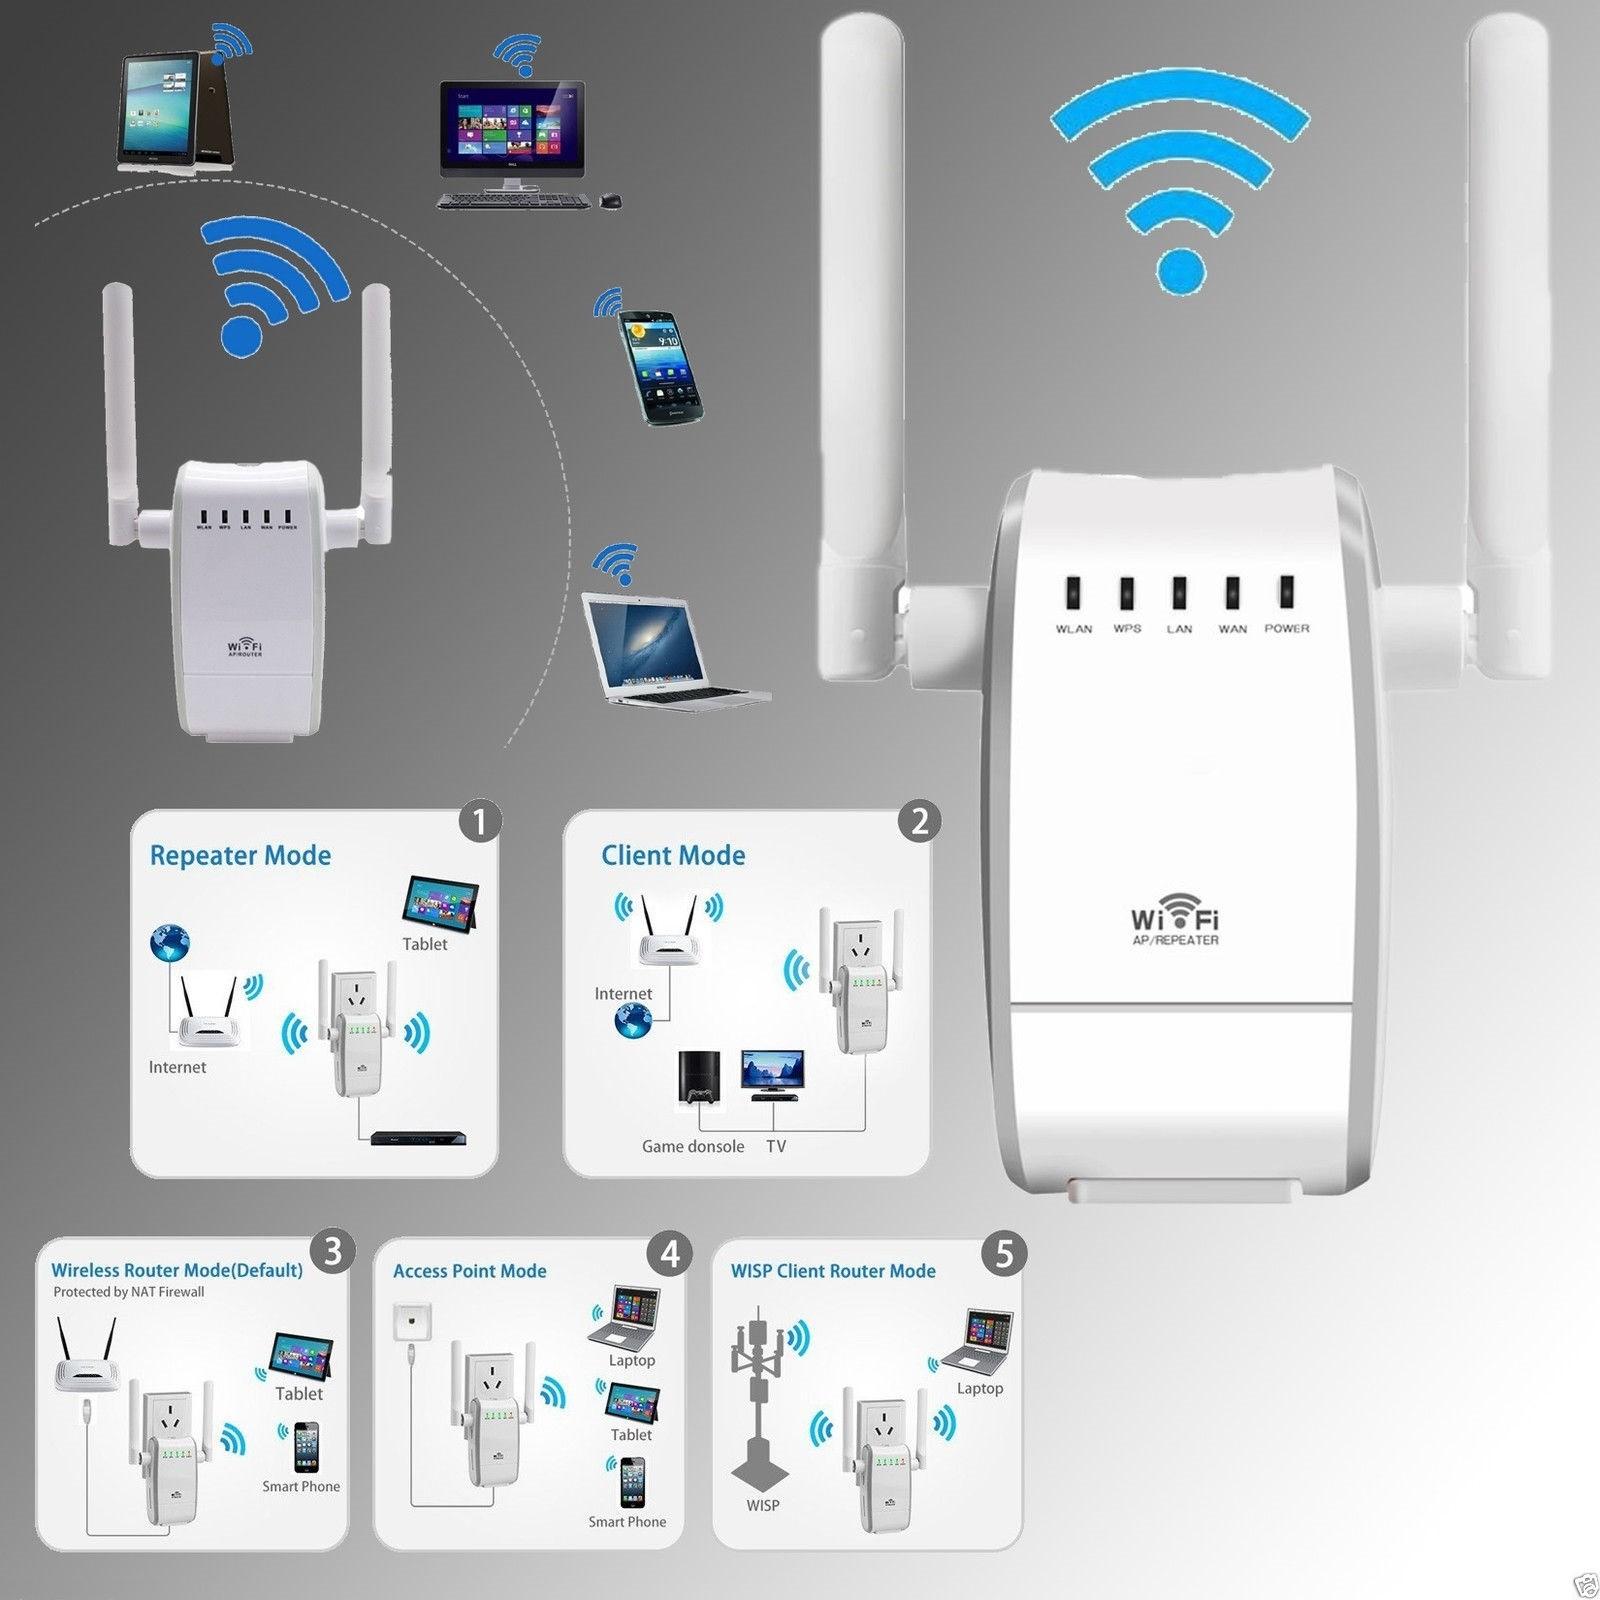 Amplificatore Segnale Router 300mbps 2.4ghz Wps Wi-fi Extender B/g/n Ap 802.11n 100% De MatéRiaux De Haute Qualité